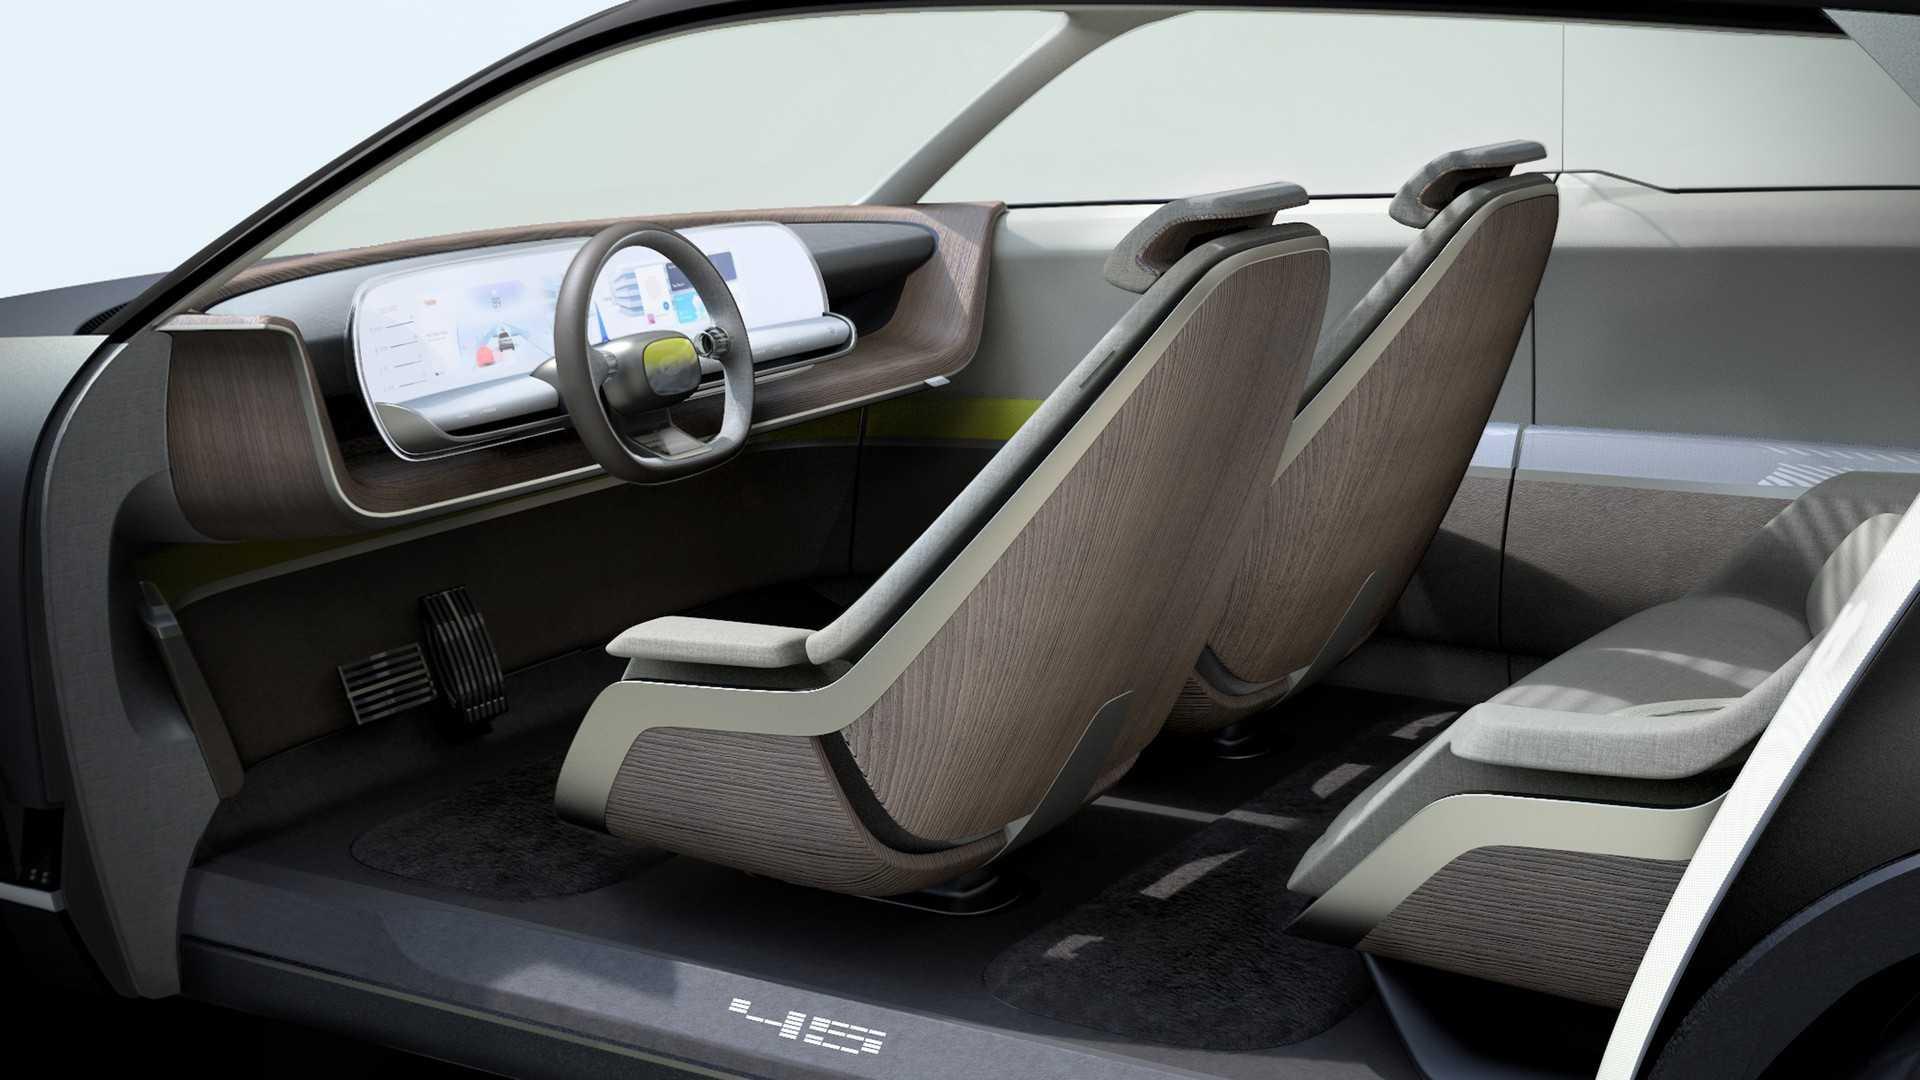 Xe ô tô điện nay mai của Hyundai sẽ hấp dẫn như thế này! - Hình 7